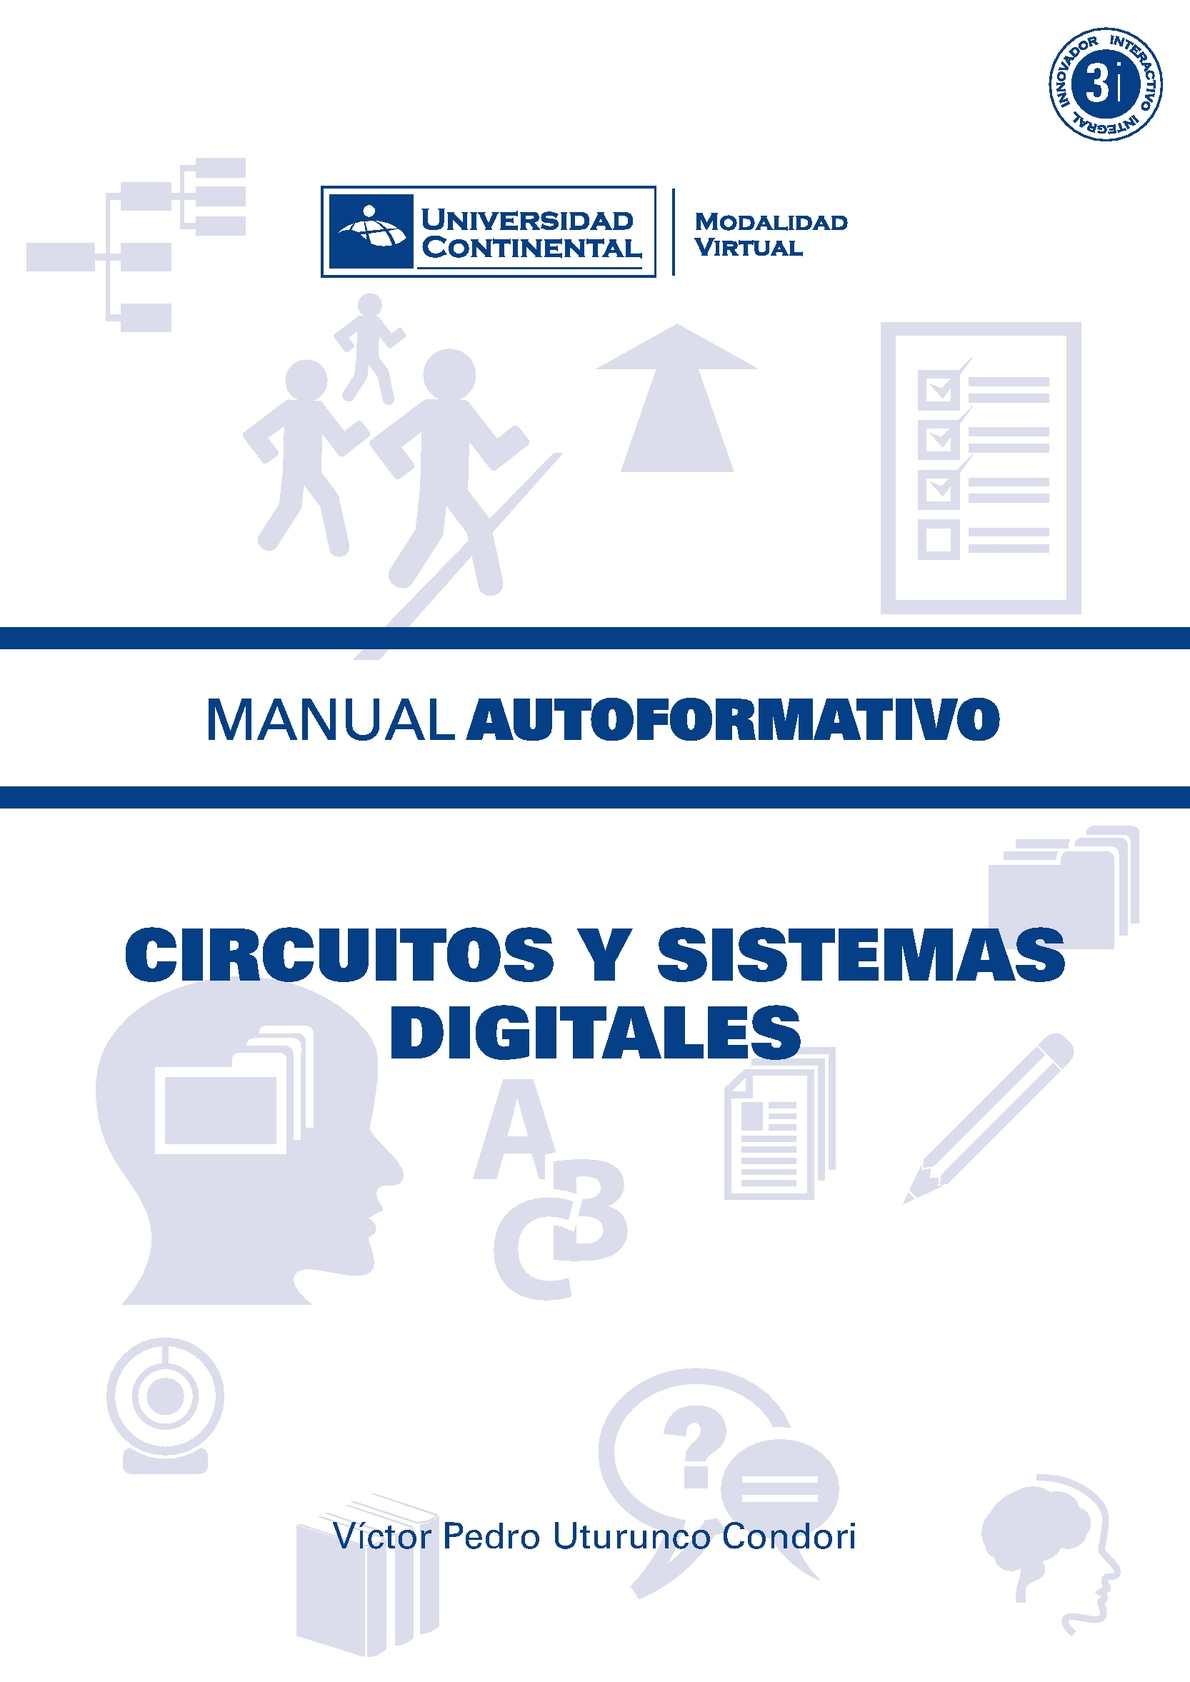 Circuito Xor Equivalente : Calaméo a circuitos y sistemas digitales mau